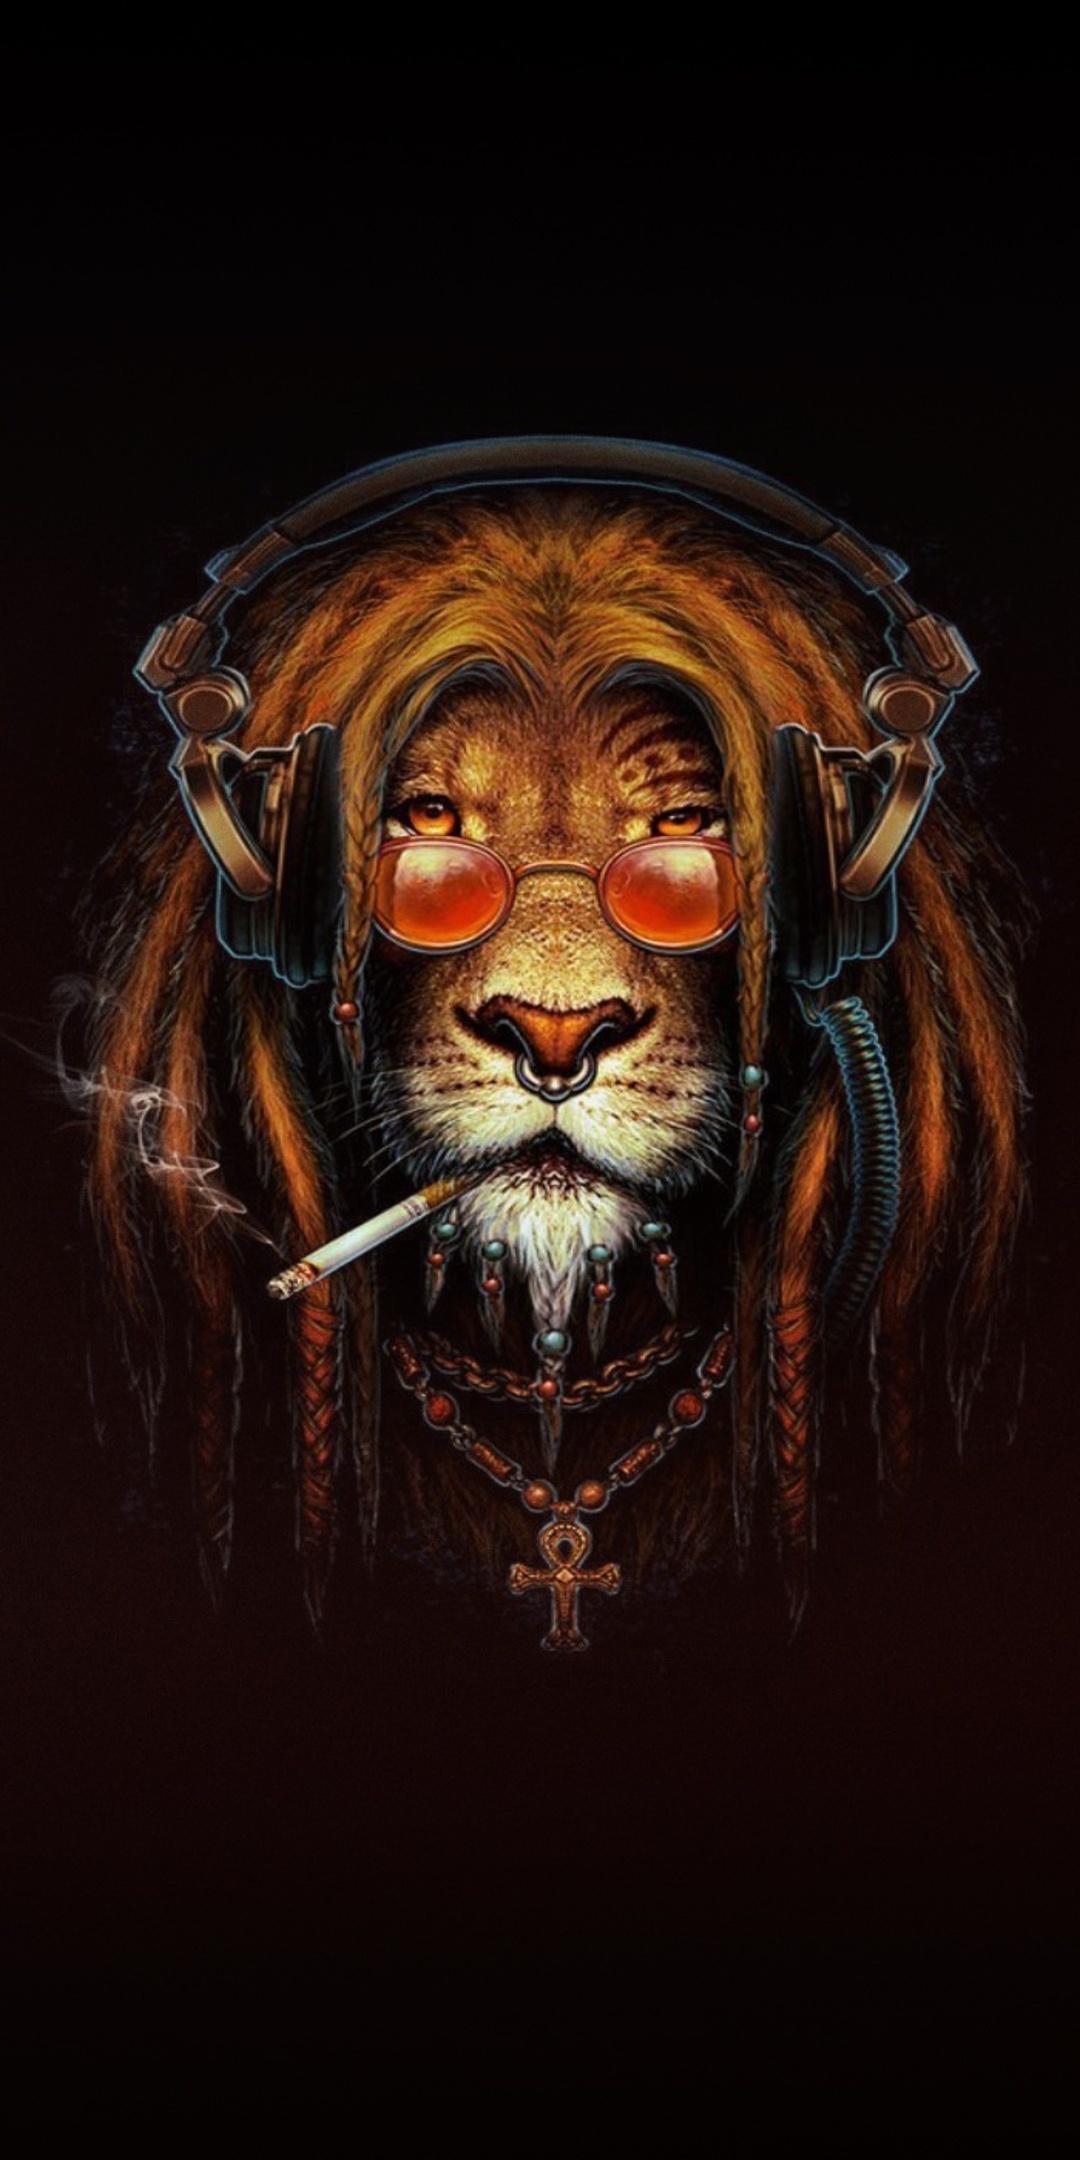 lion-smoking-artwork-aq.jpg